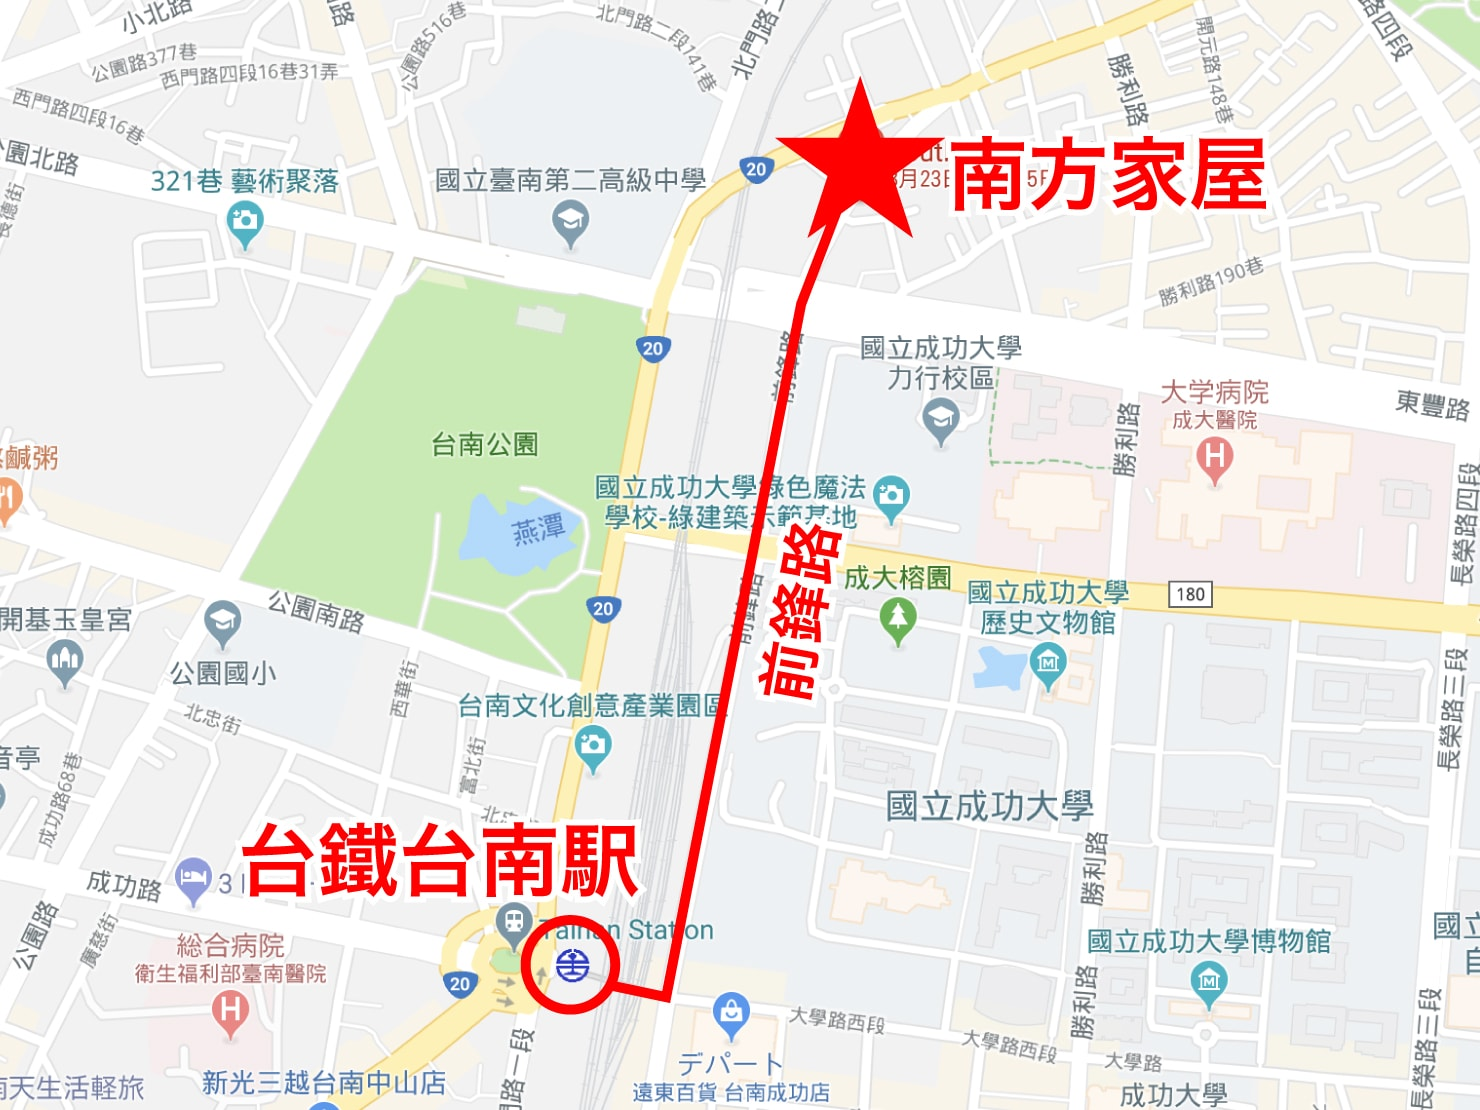 台南駅徒歩10分のかわいいデザインホテル「南方家屋 Old School」へのマップ